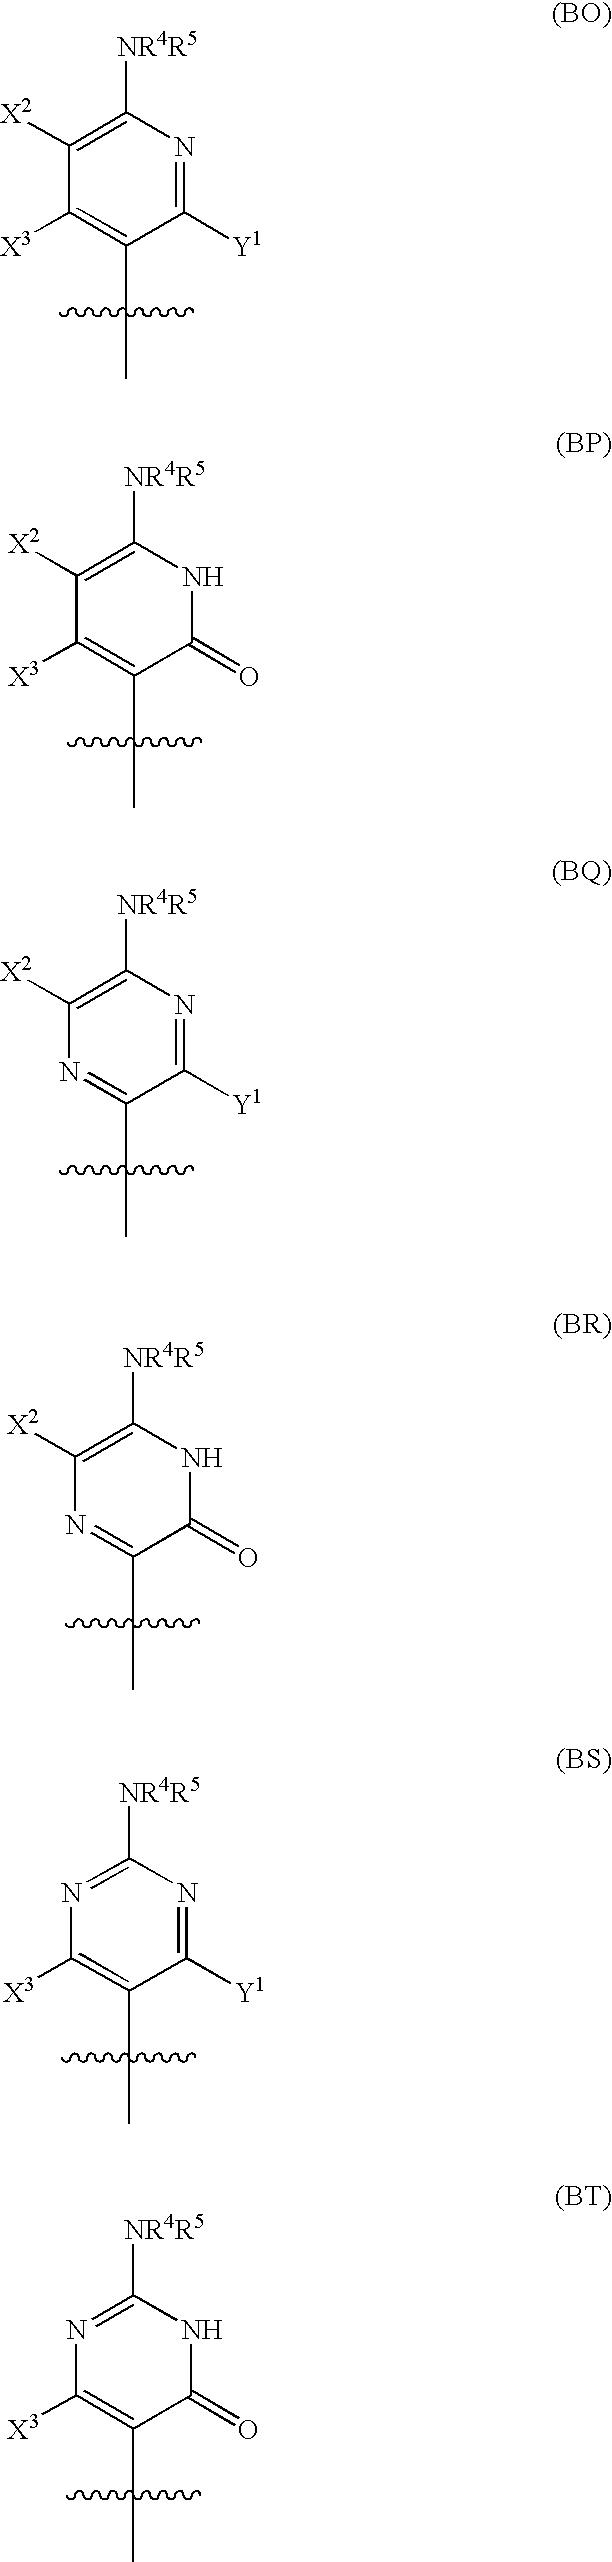 Figure US07608600-20091027-C00036